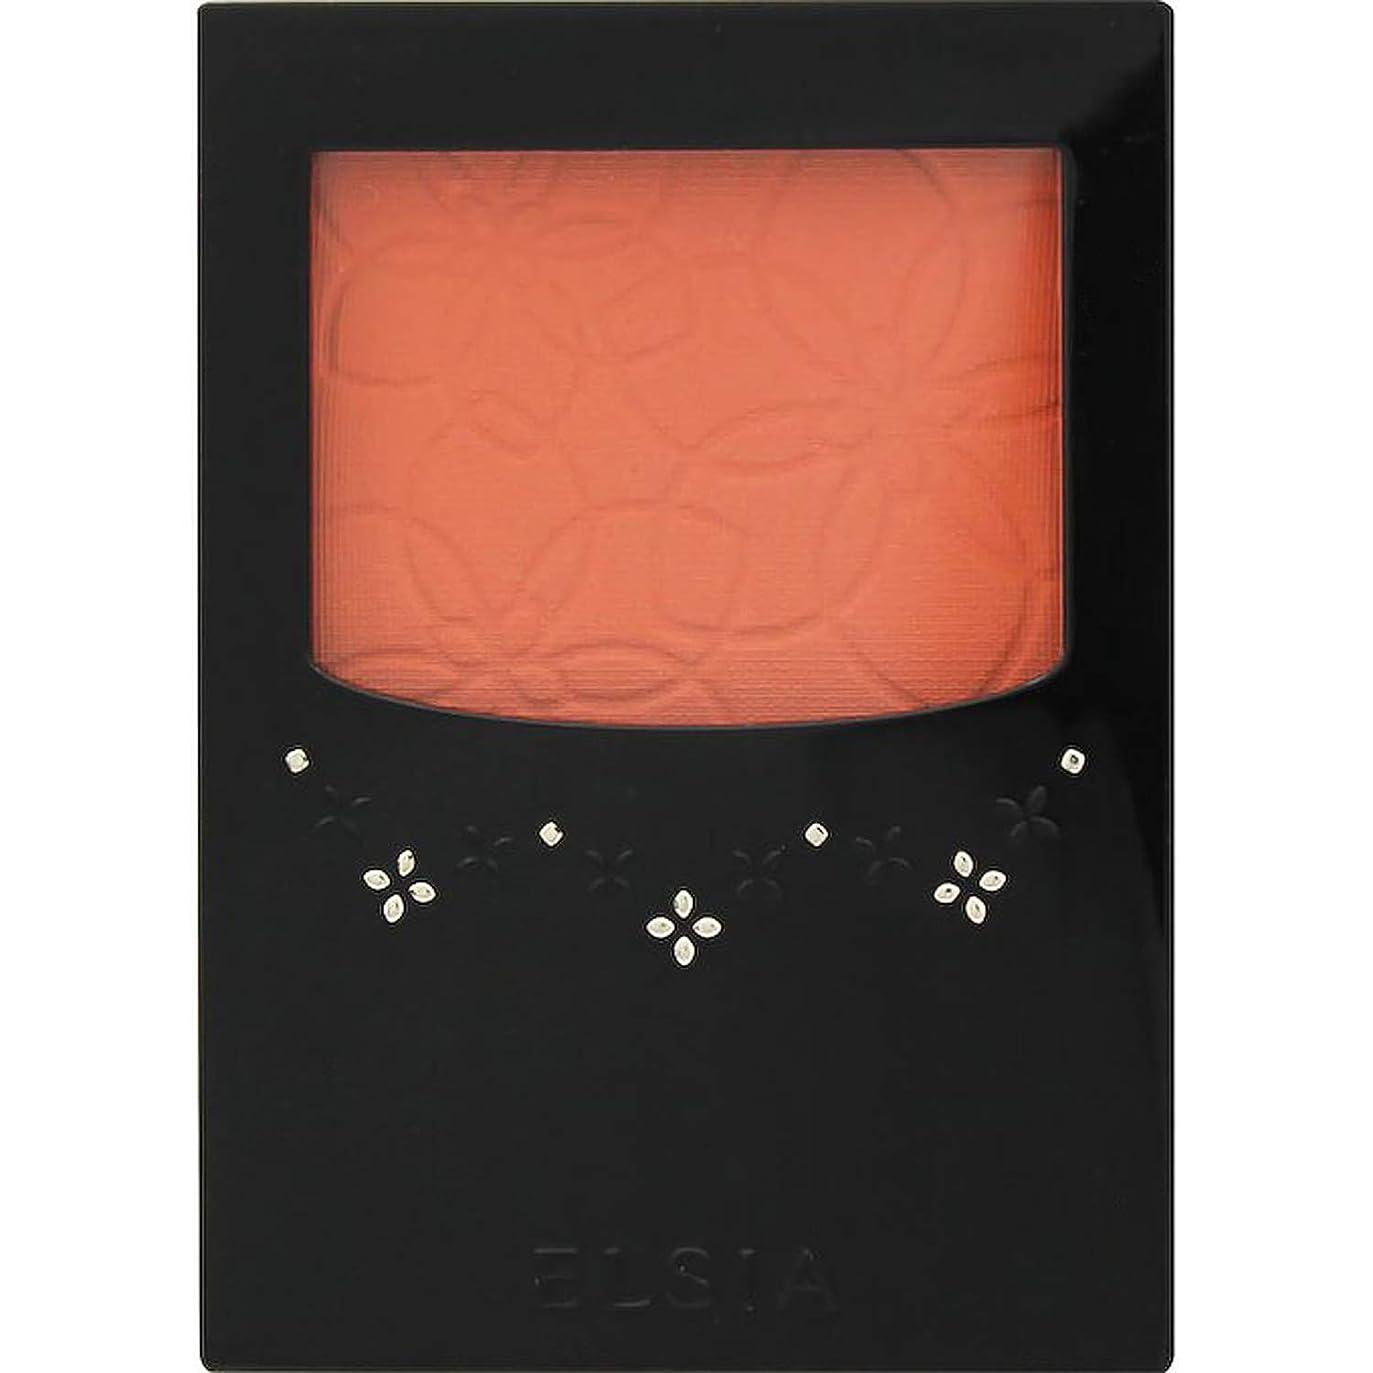 時制オゾン皮肉なエルシア プラチナム 明るさ&血色アップ チークカラー オレンジ系 OR200 3.5g